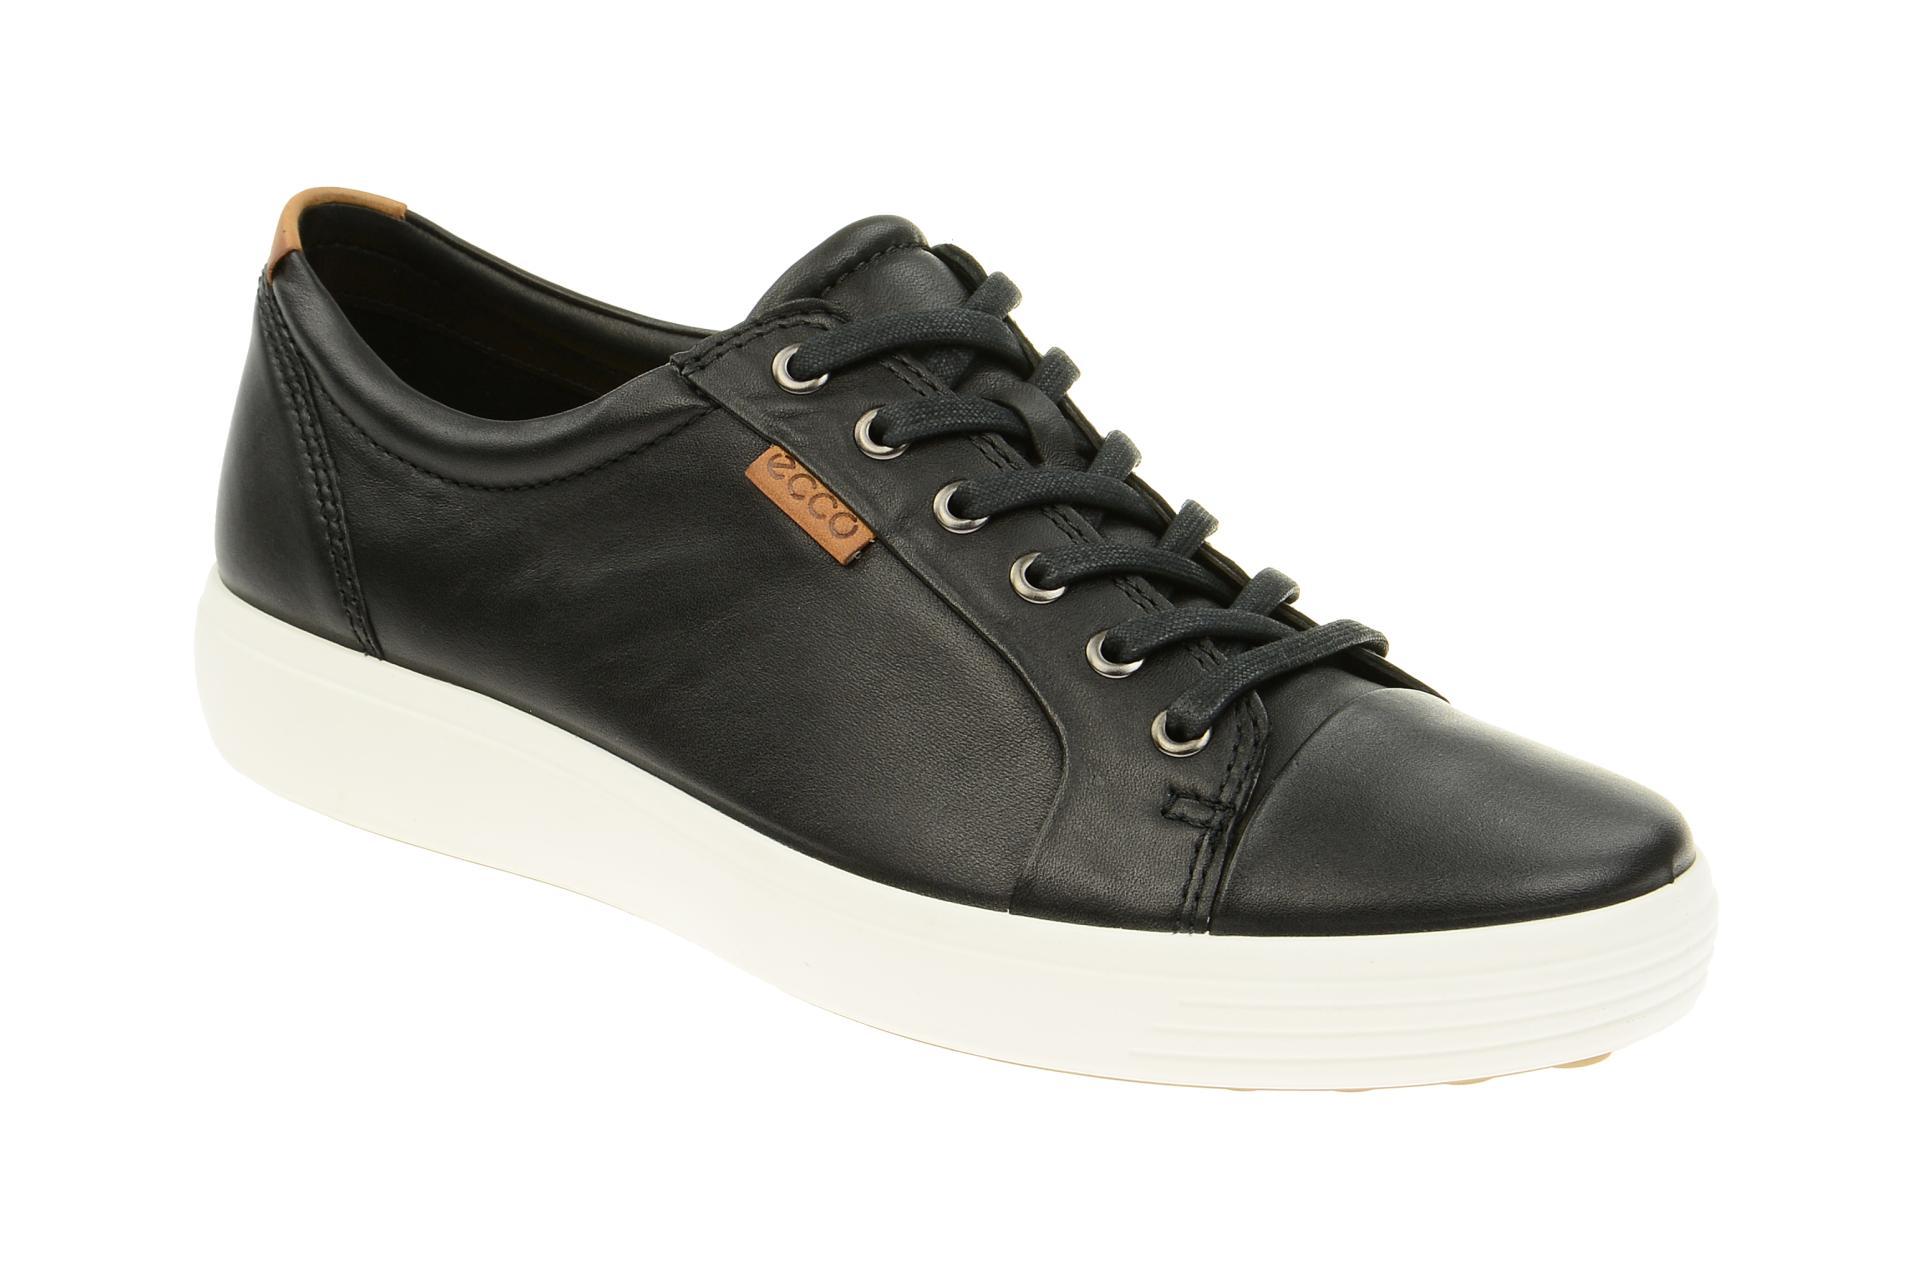 finest selection dc064 bb538 Ecco Soft 7 Schuhe schwarz weiß Herren